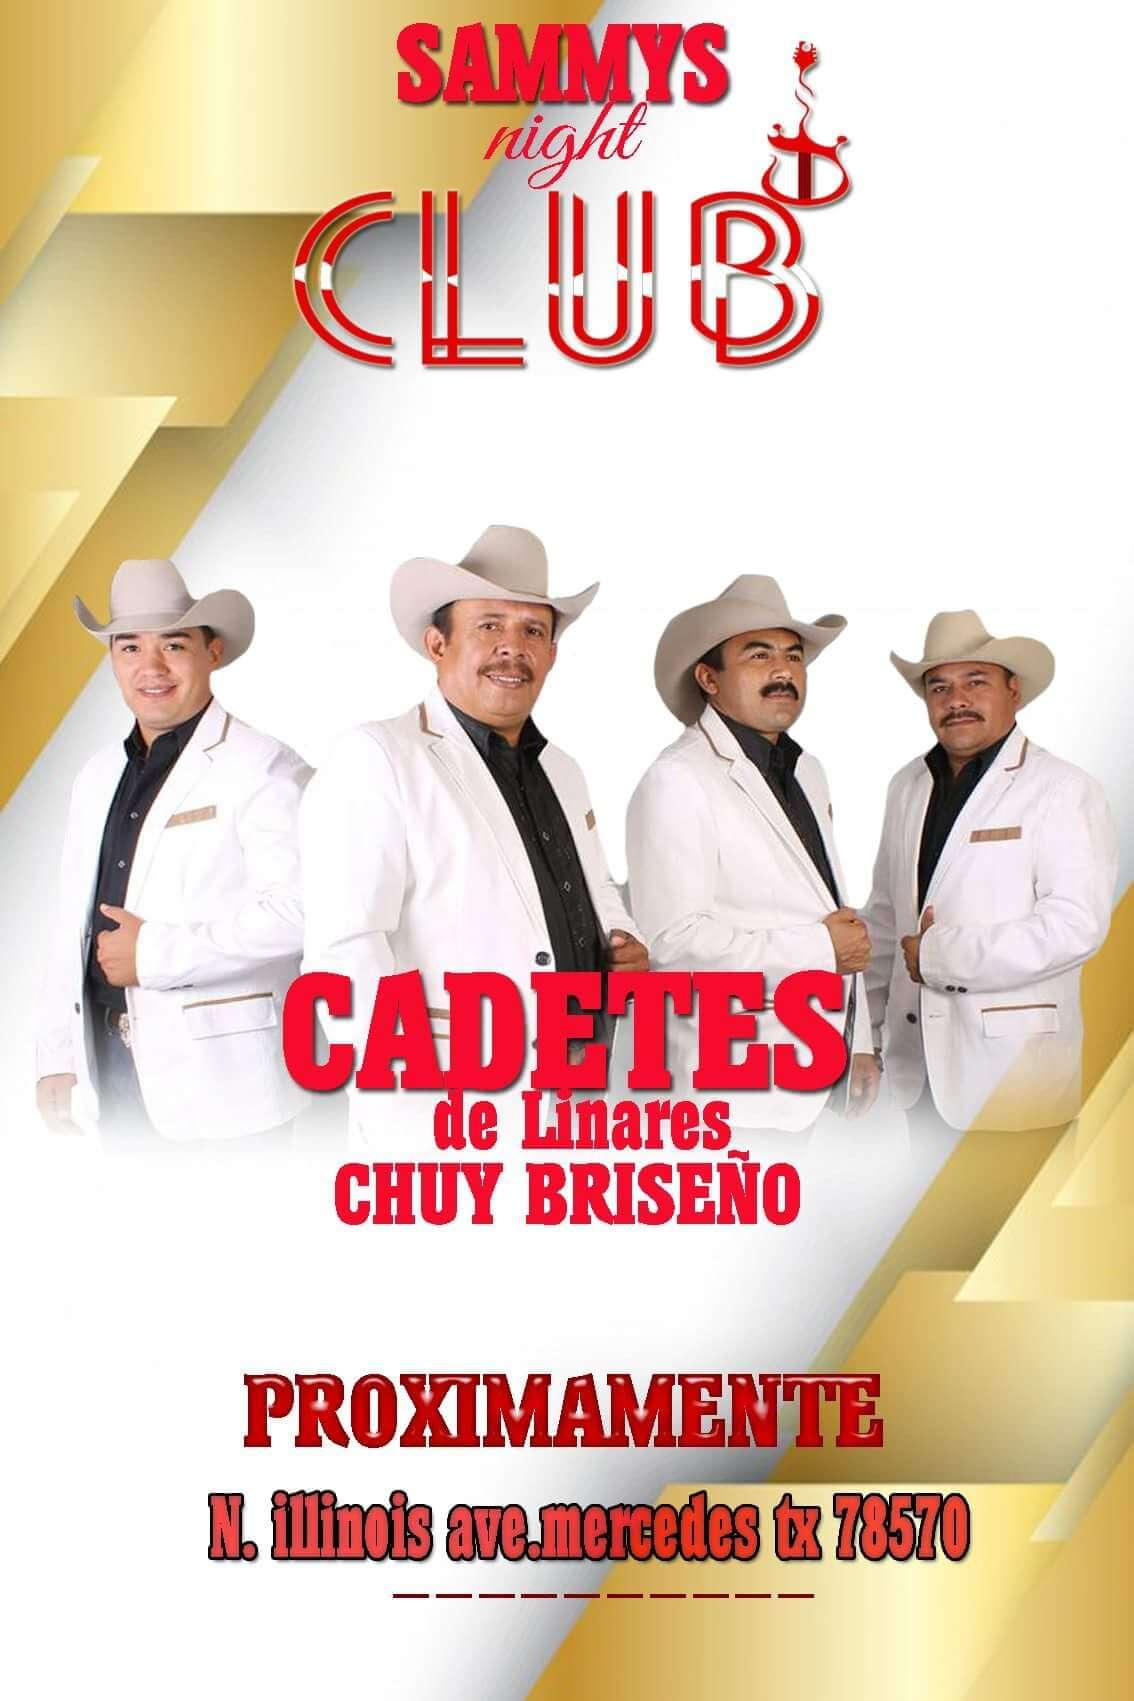 Cadetes de Linares Chuy Briseno event